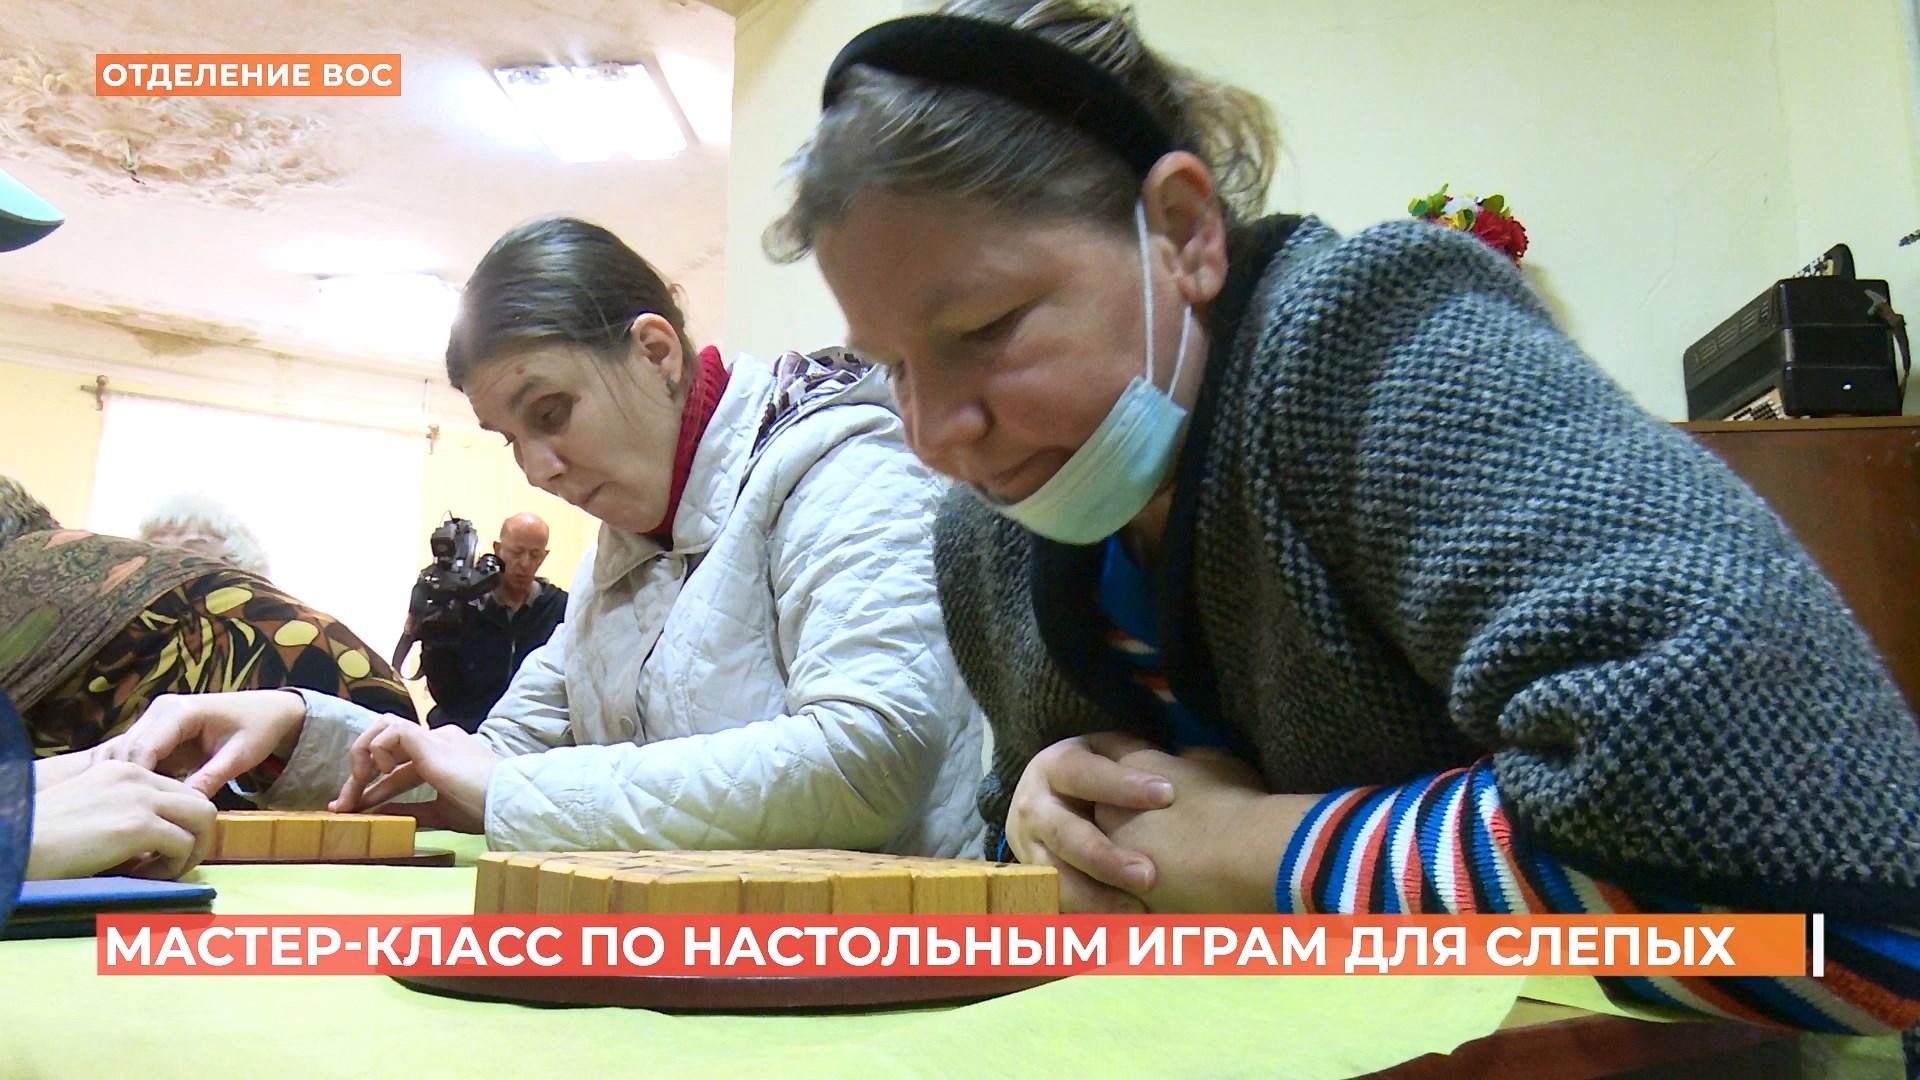 Для незрячих провели мастер-класс по настольным играм в Ростове